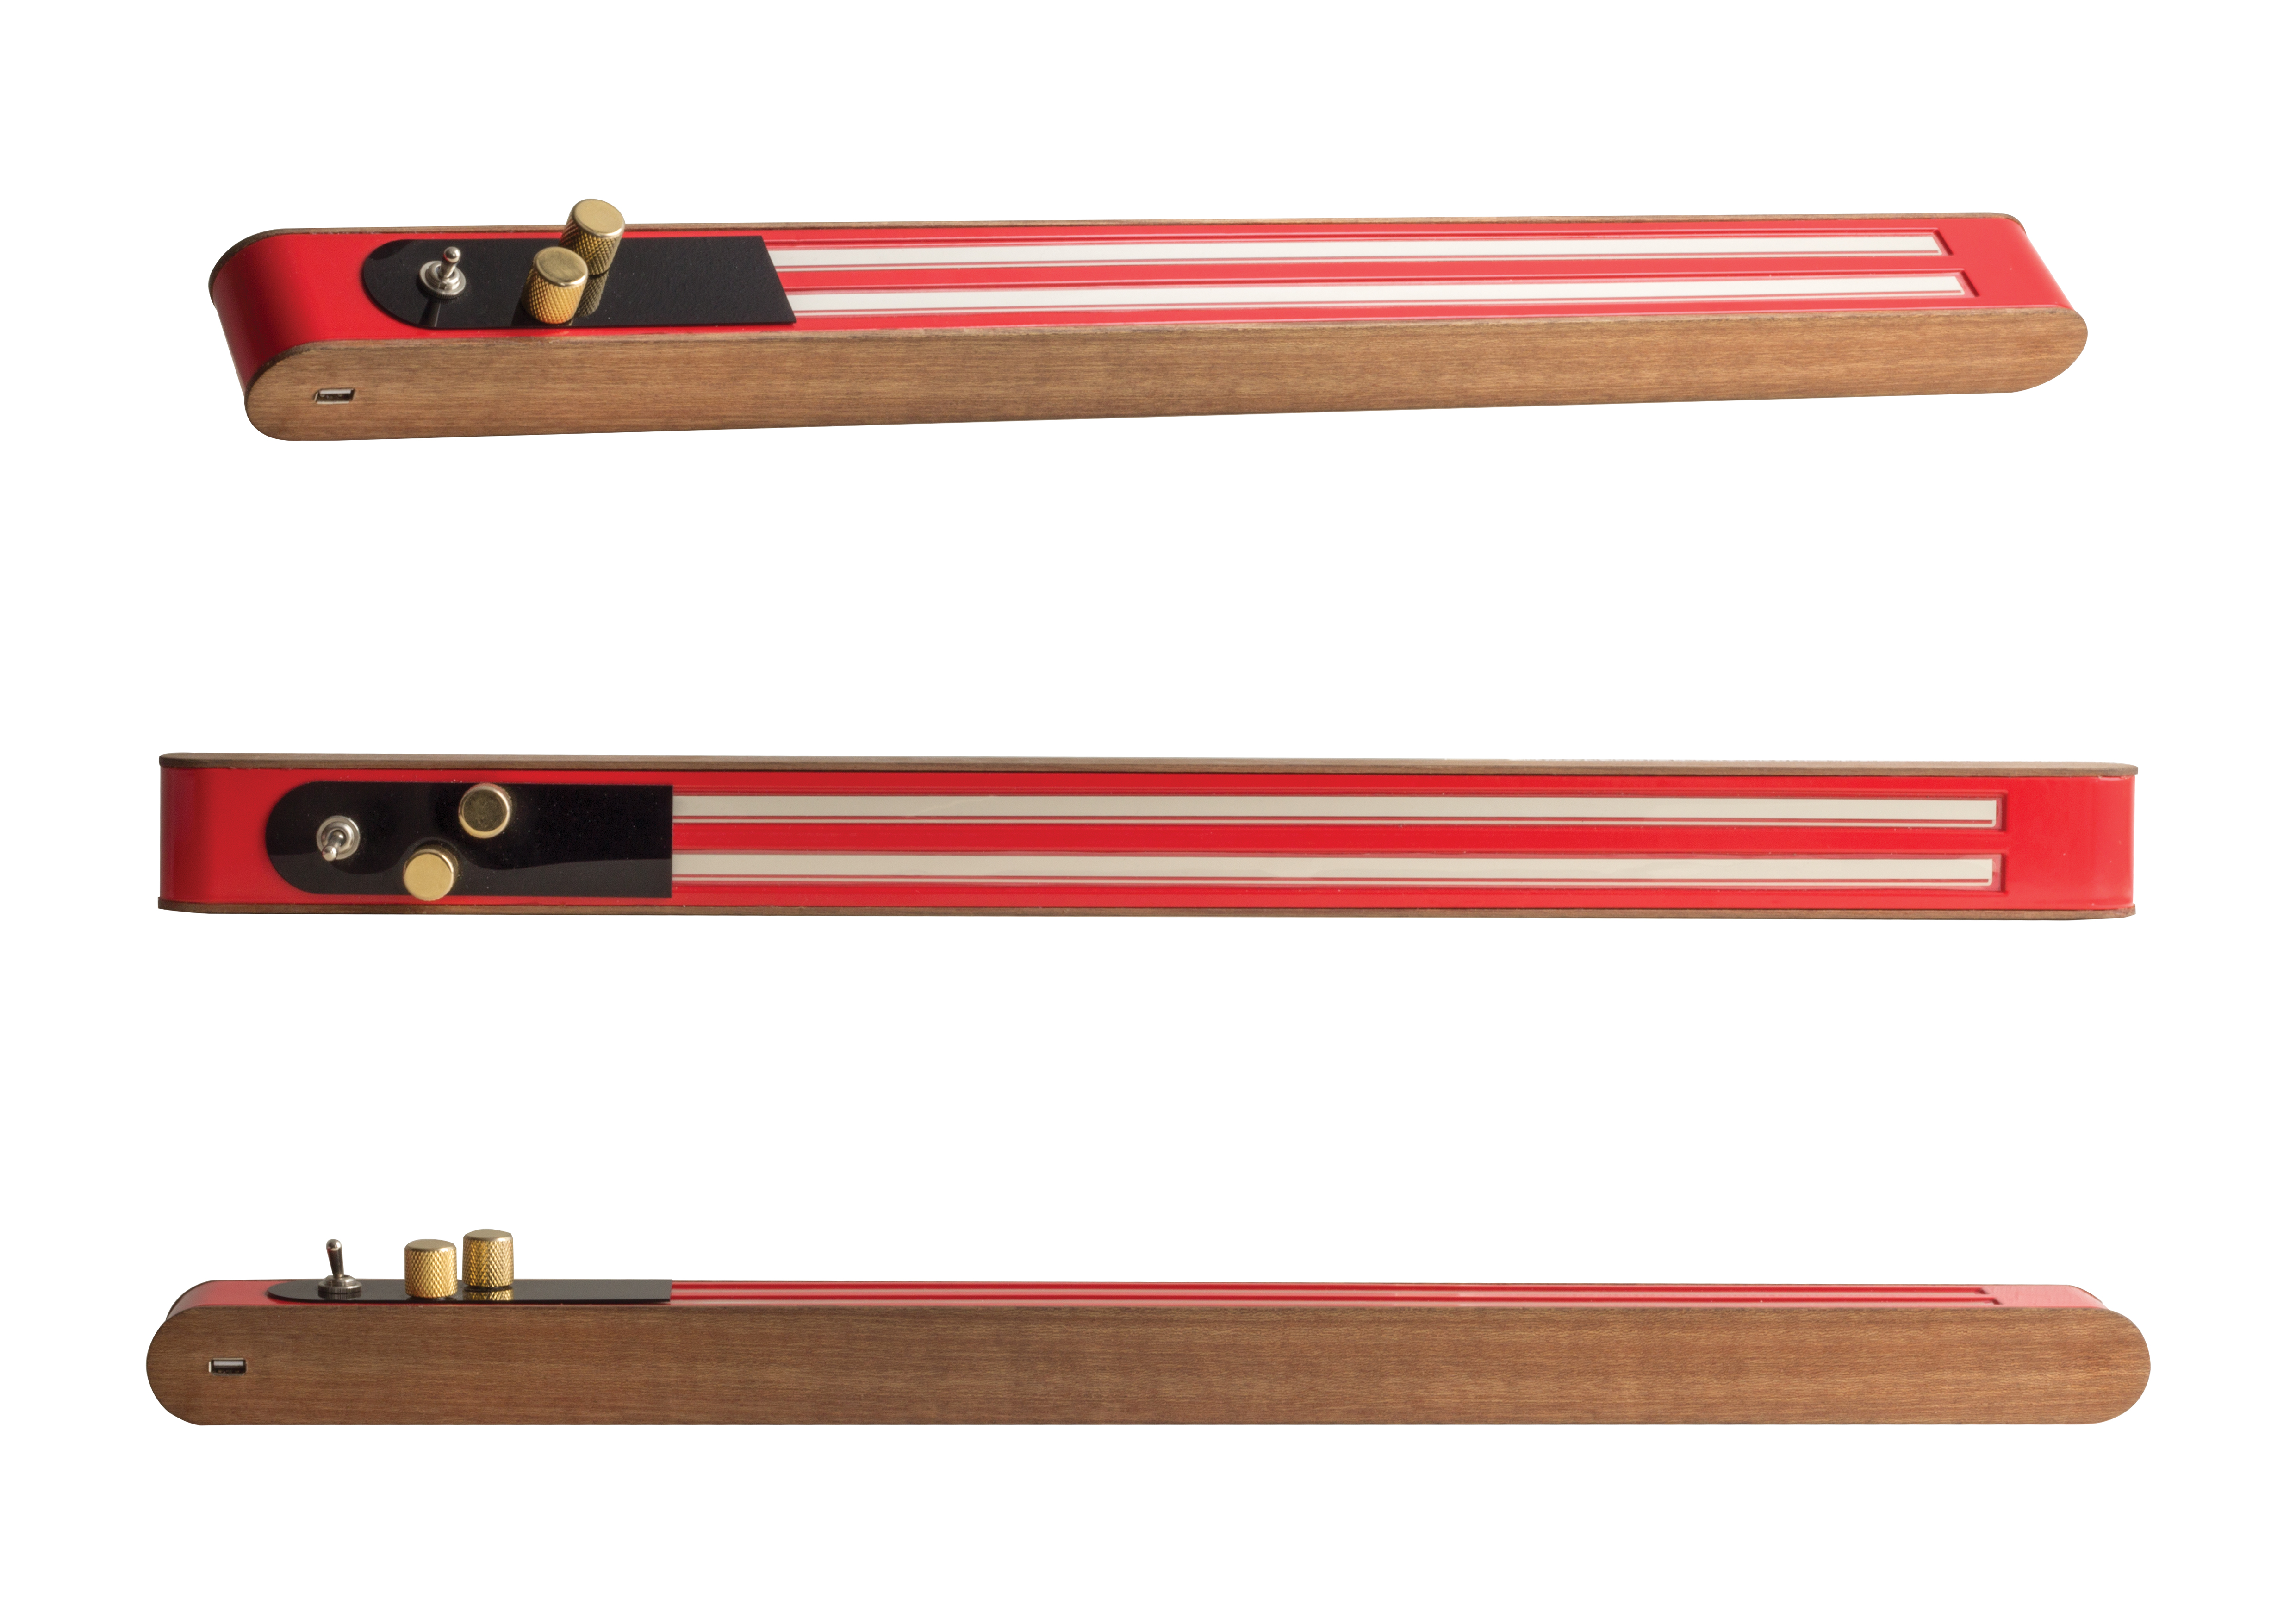 Der Jamflow ist ein länglicher Holzblock mit zwei Vertiefungen der Länge nach. Das sind digitale Saiten, die man berührt und mit zwei Drehknöpfen beeinflussen kann. So entsteht der Ton.